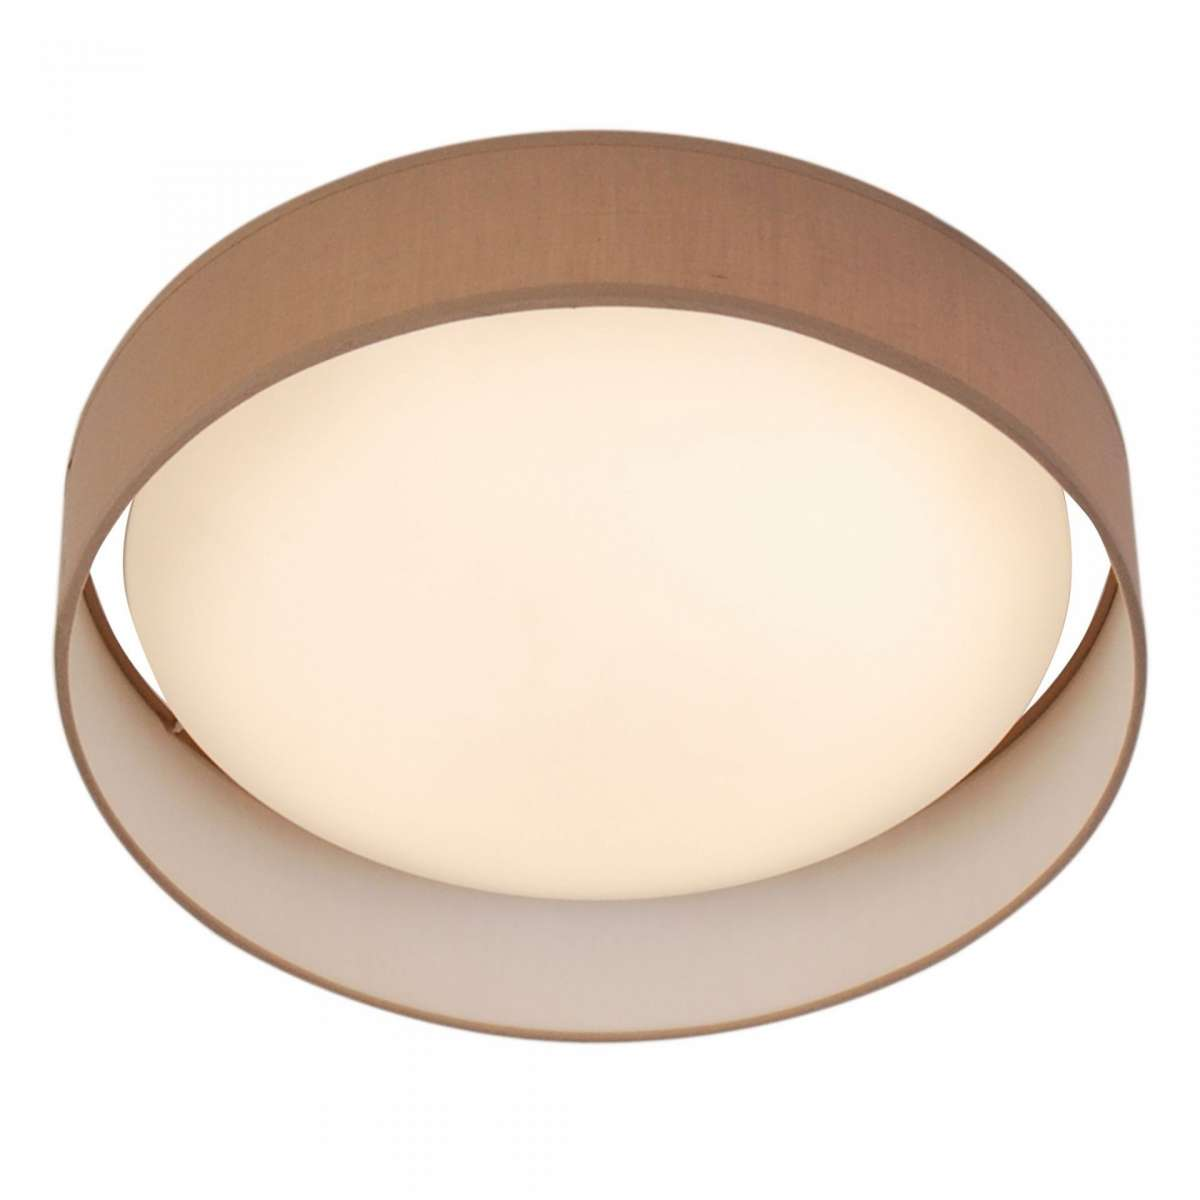 Gianna 1 Light 370mm Flush Ceiling Light Brown Shade